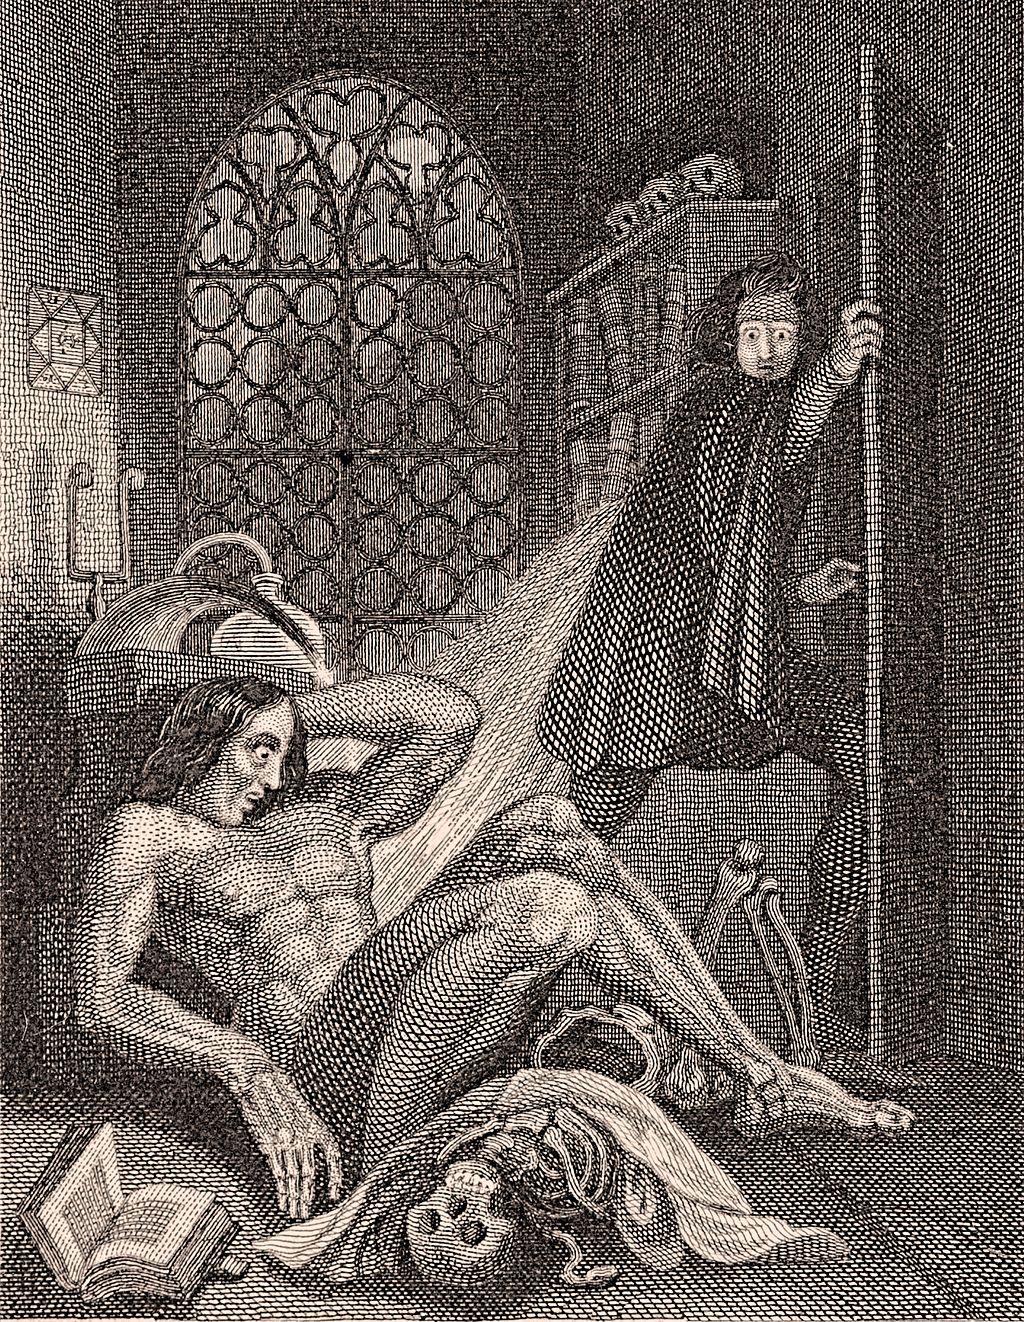 Frontispiece, Frankenstein, 1831